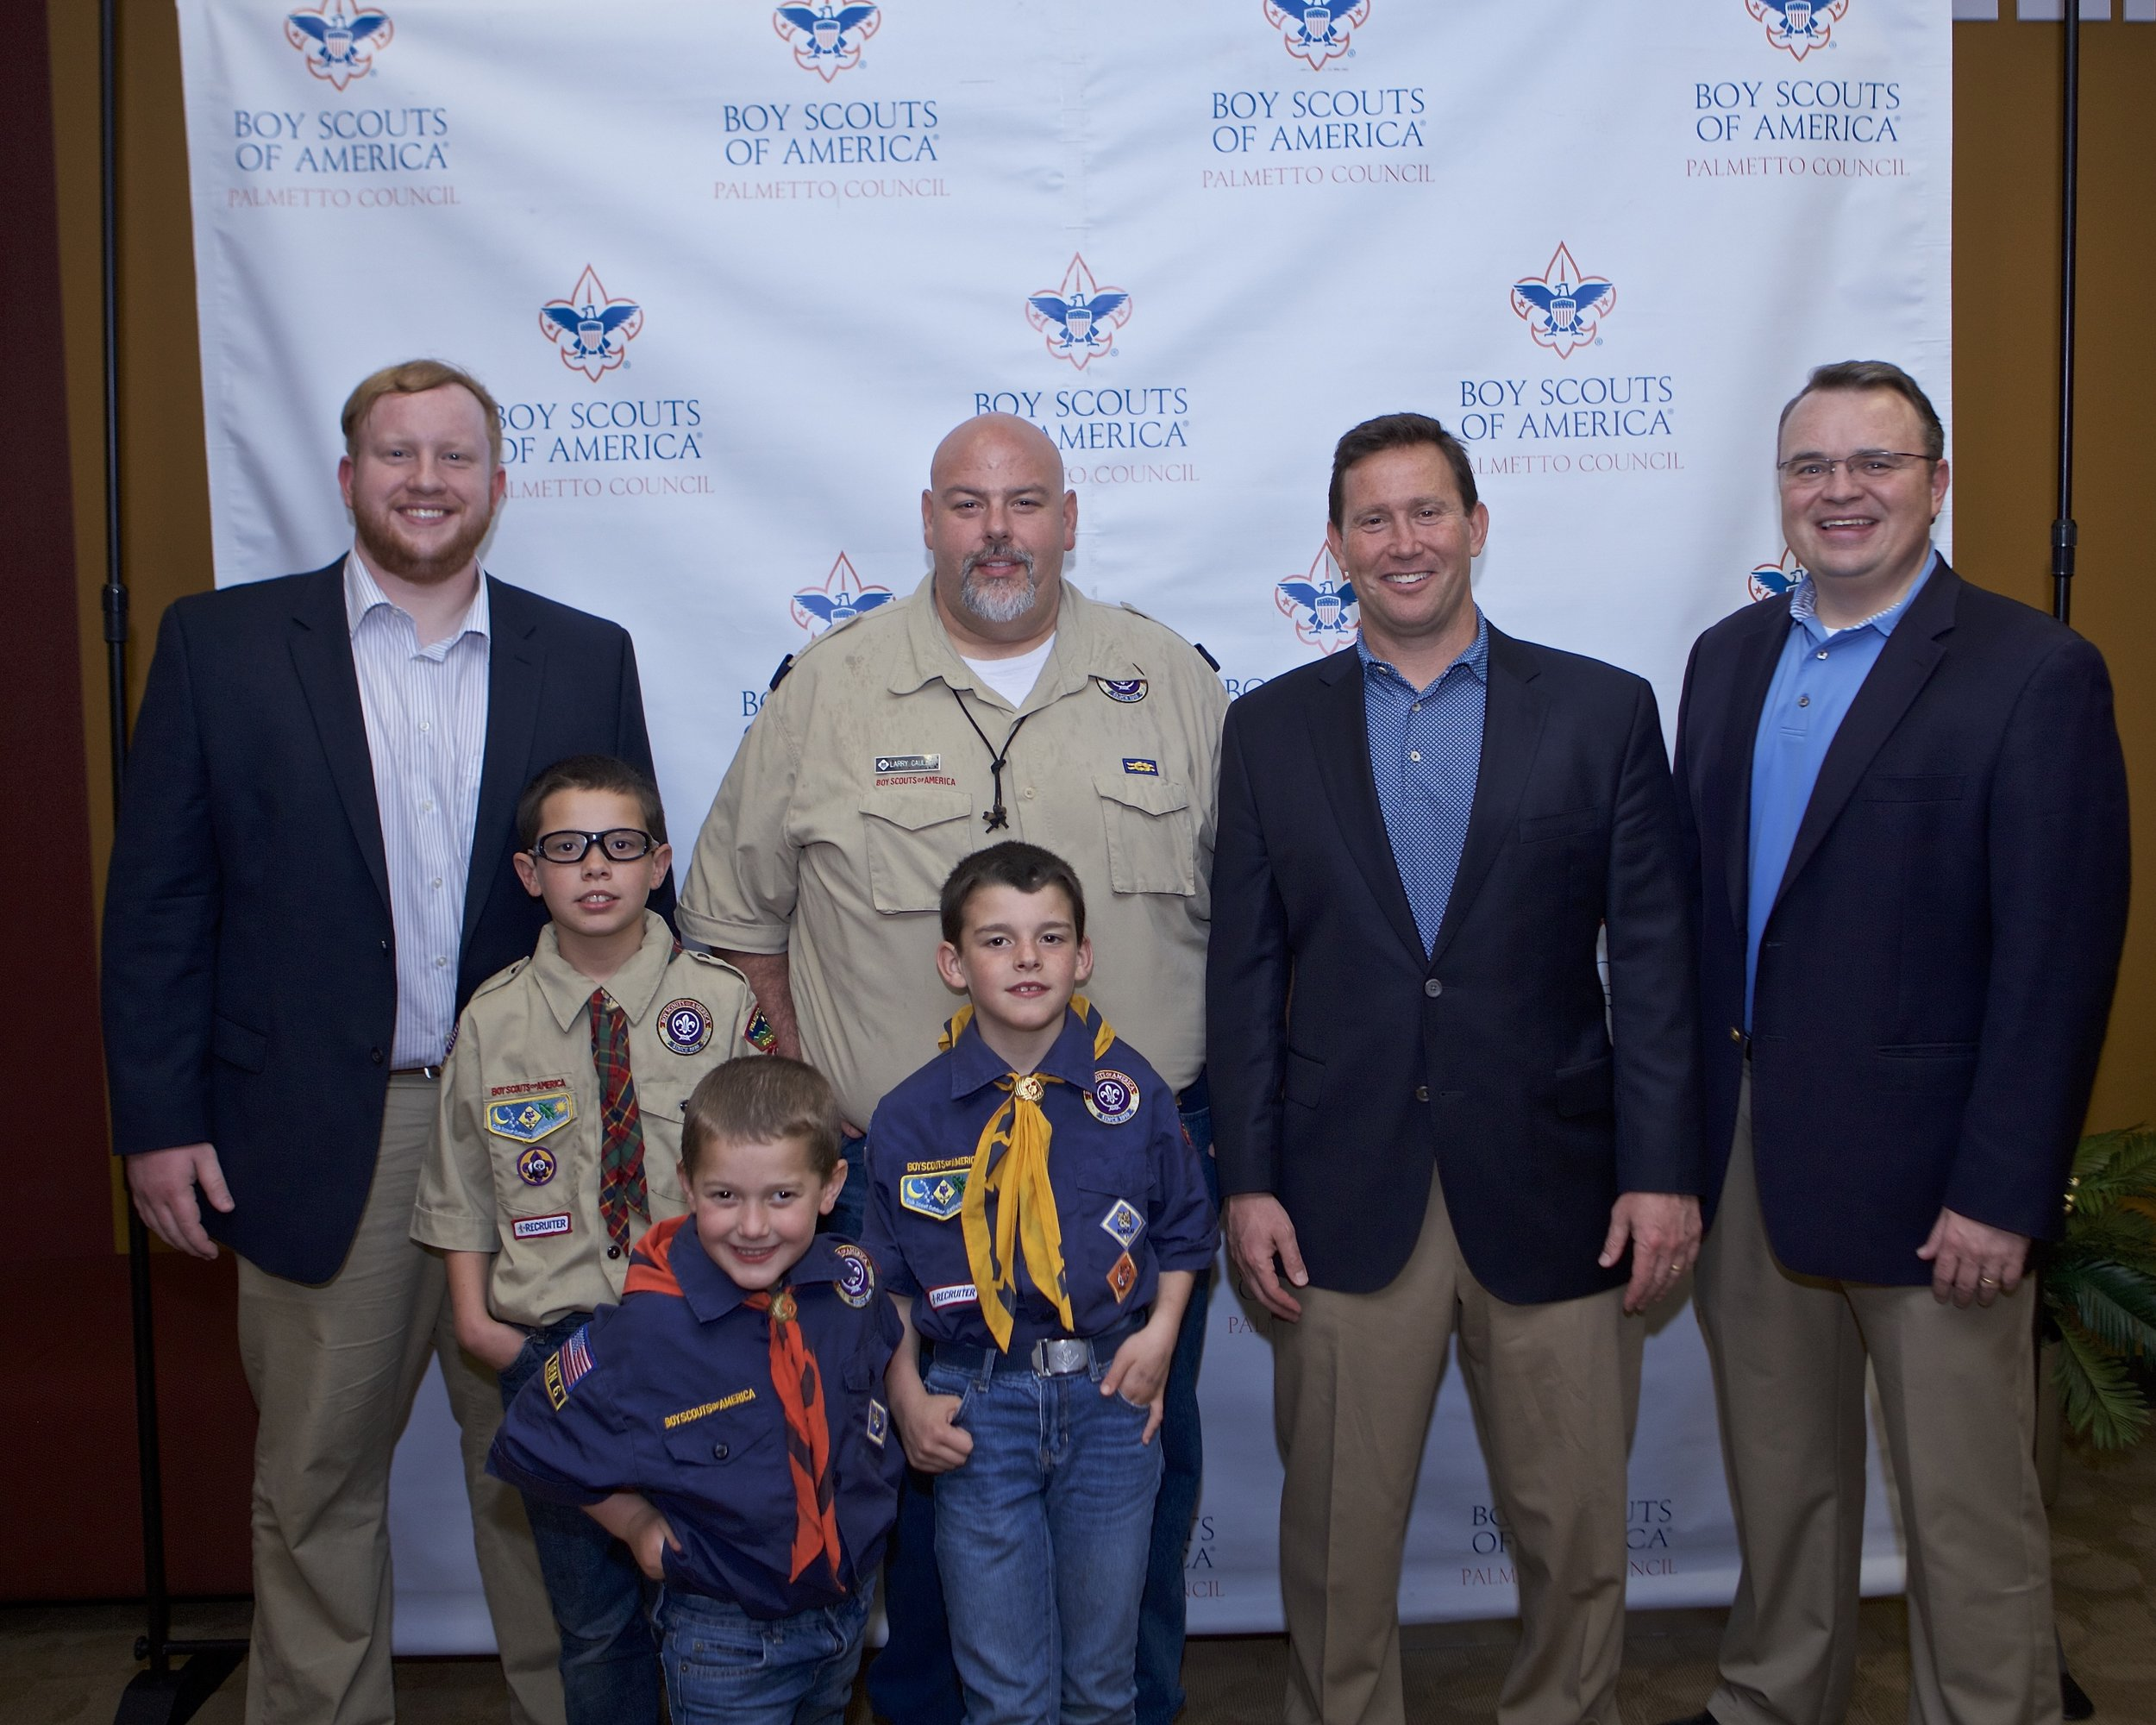 Boy Scouts_071.jpg